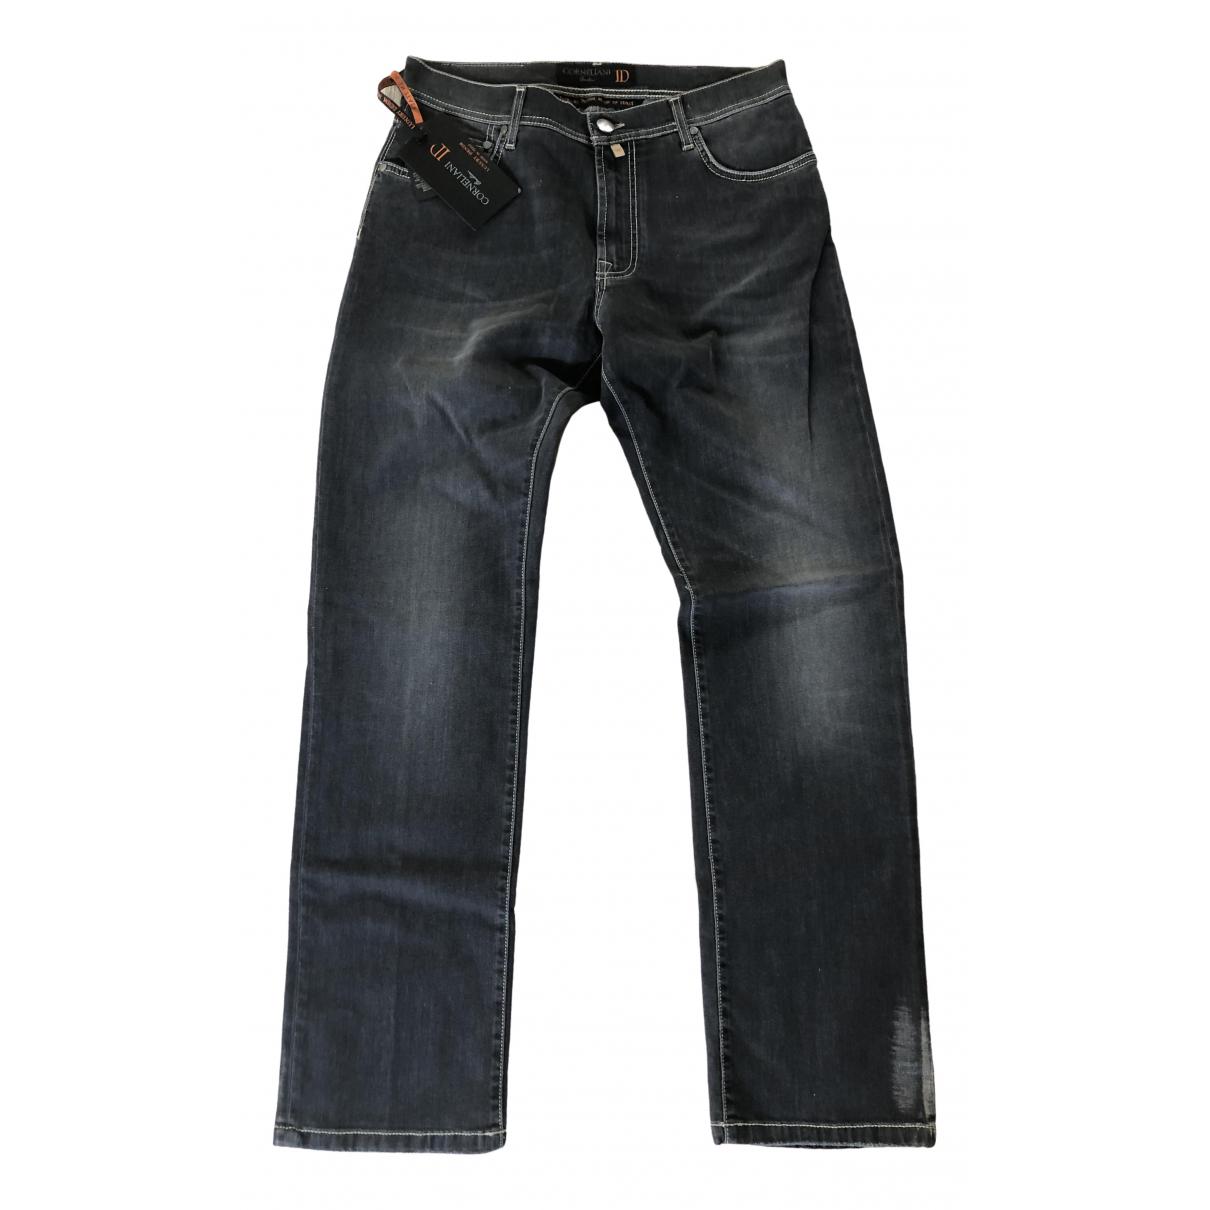 Corneliani \N Grey Denim - Jeans Trousers for Men 50 IT